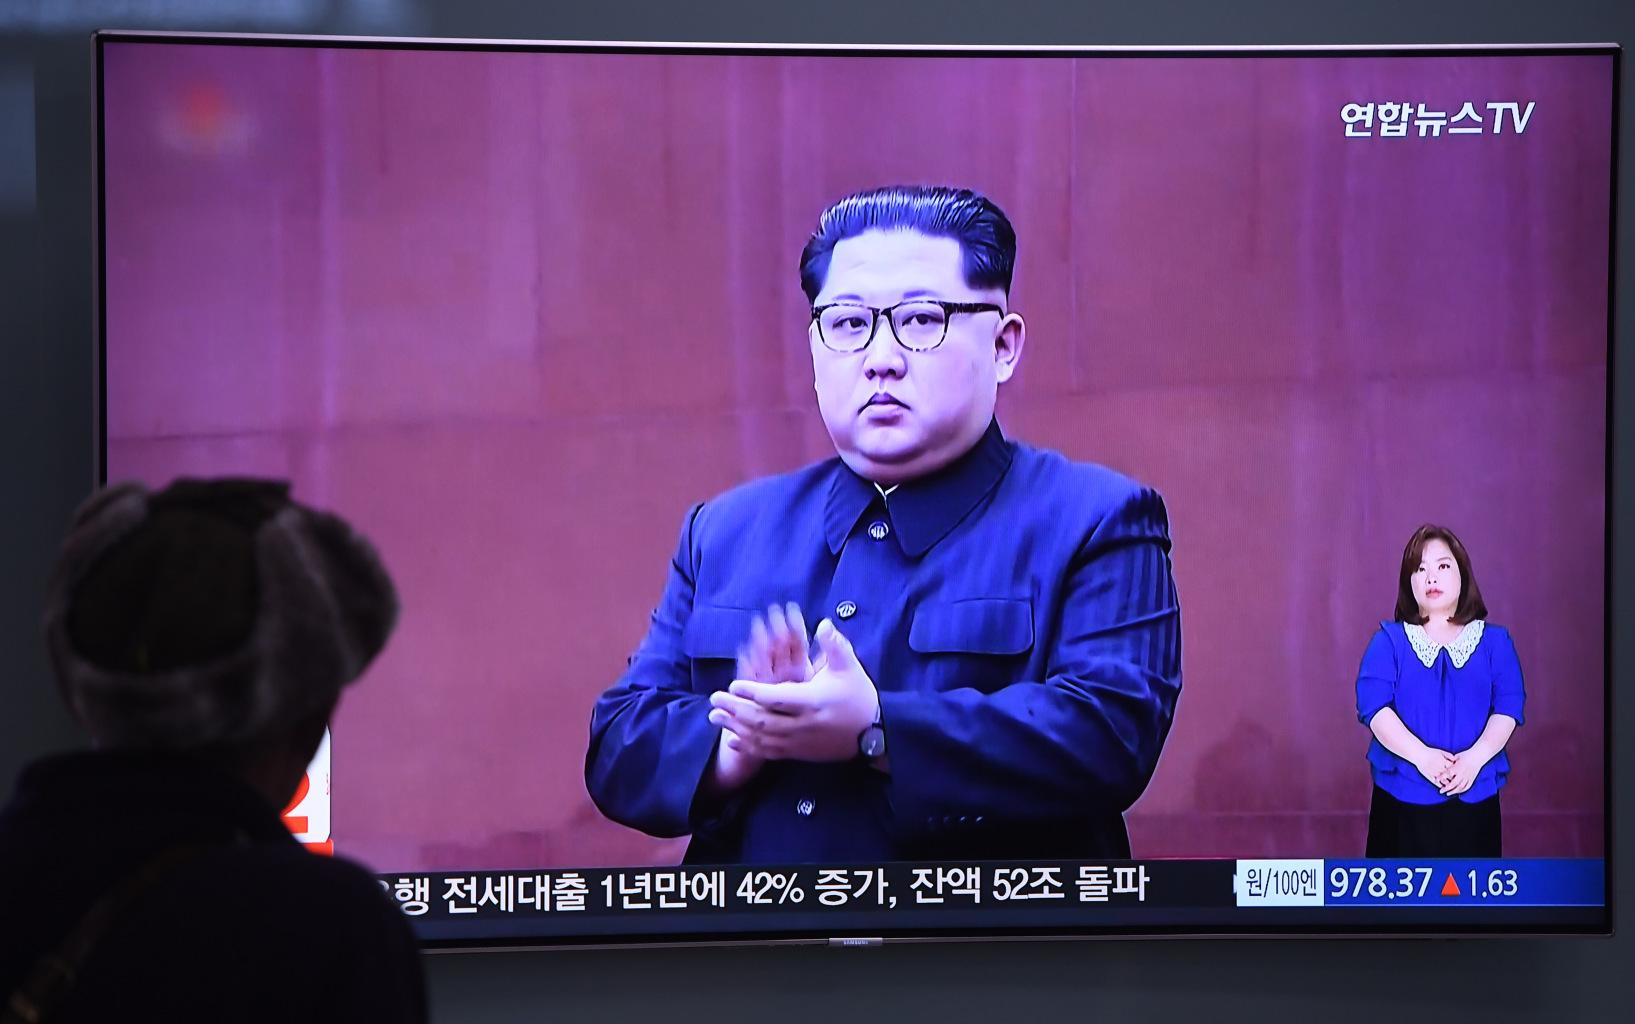 الكشف عن مفاوضات سرية بين إسرائيل وكوريا الشمالية